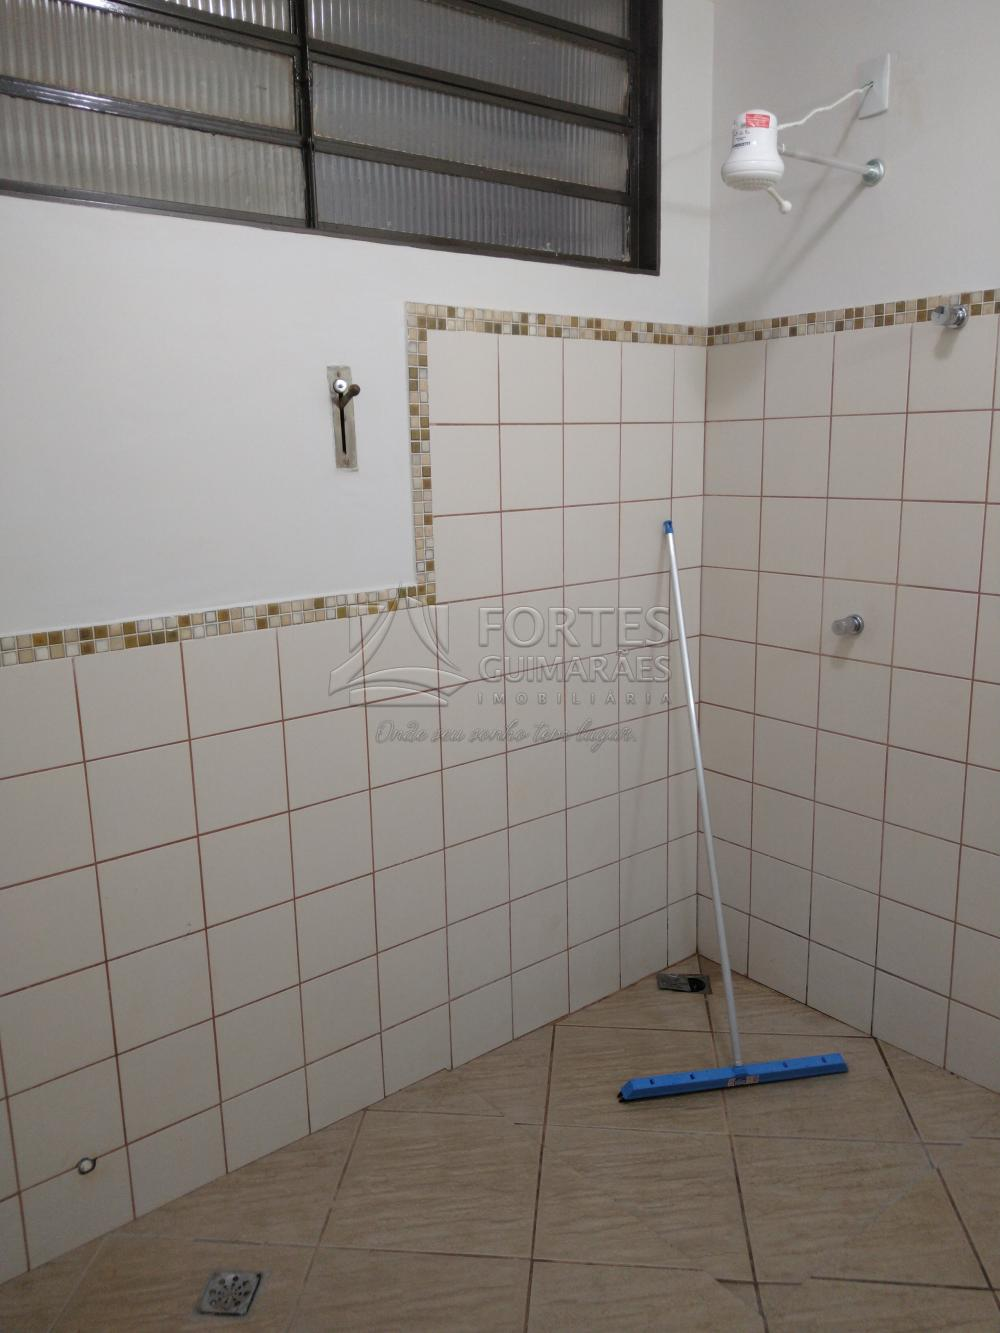 Alugar Comercial / Imóvel Comercial em Ribeirão Preto apenas R$ 12.000,00 - Foto 40